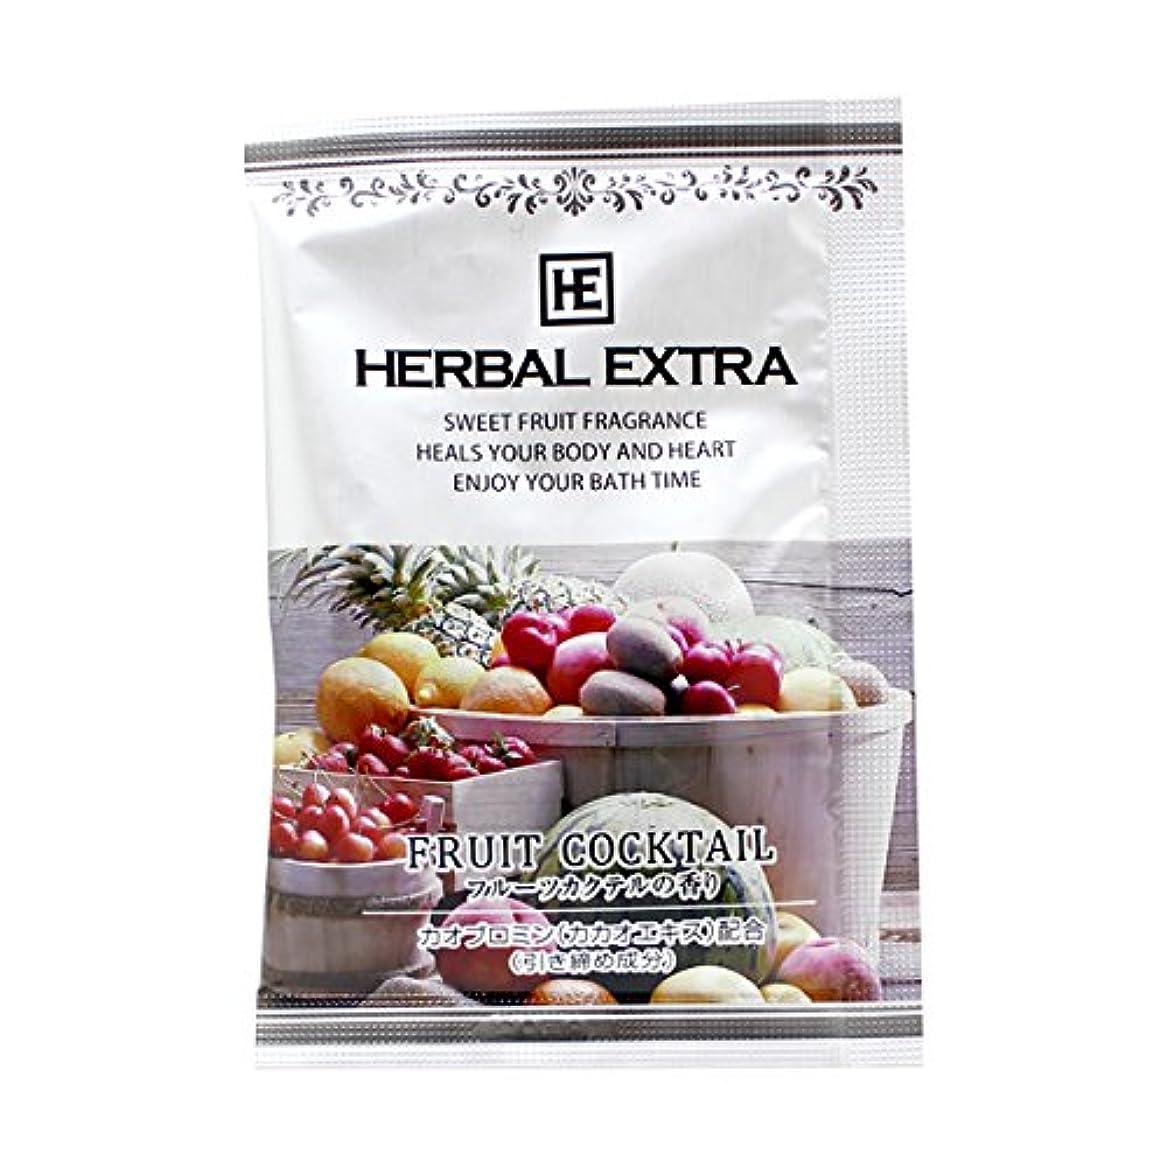 潤滑する視聴者予約入浴剤 ハーバルエクストラ「フルーツカクテルの香り」30個